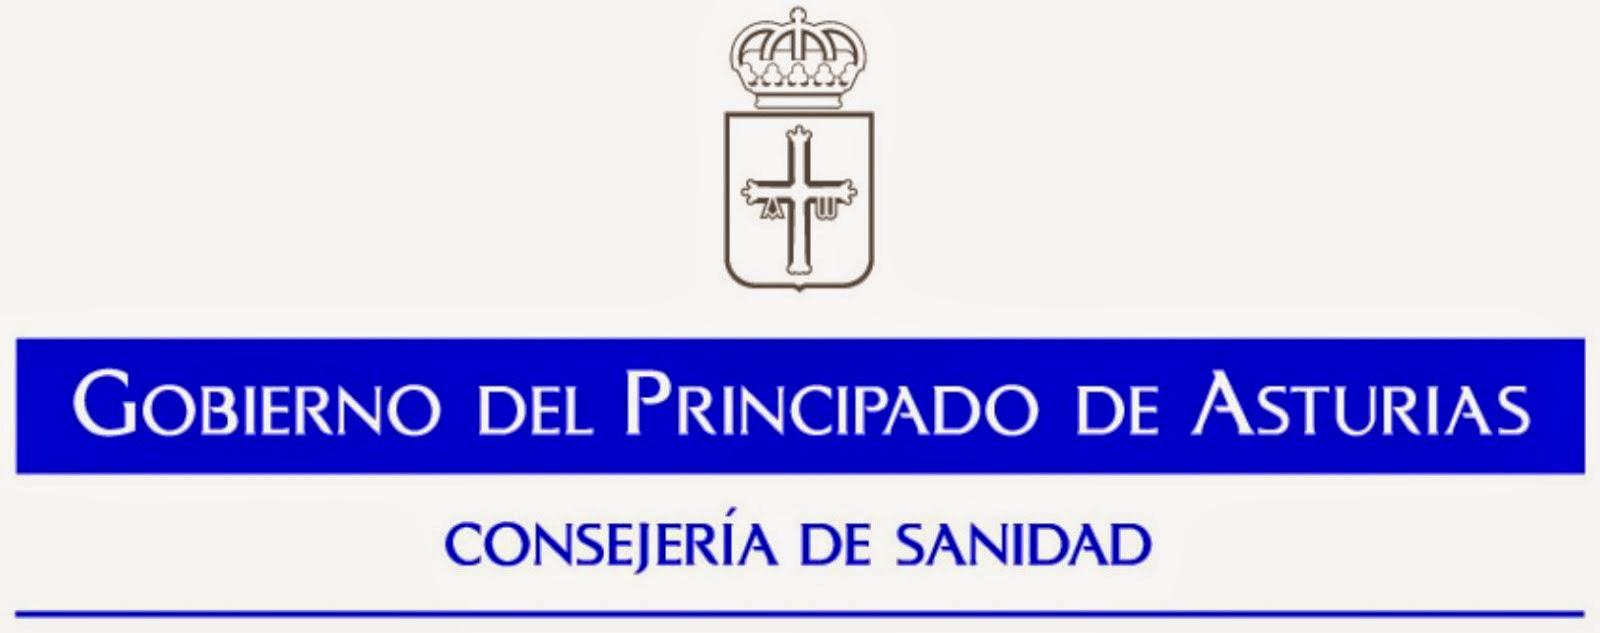 CONSEJERÍA DE SANIDAD